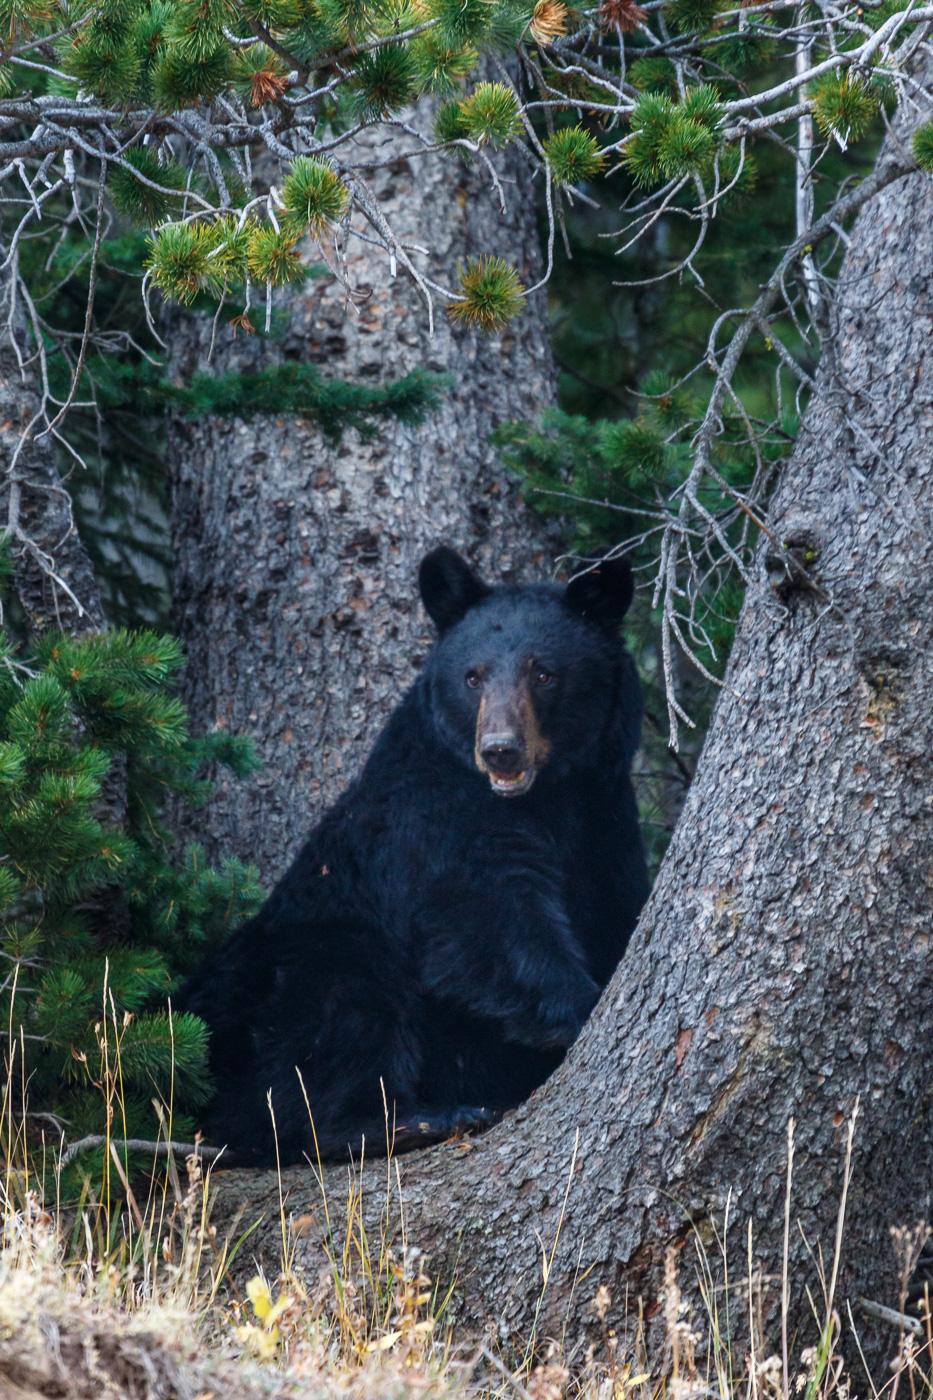 Black Bear (Ursus americanus), Yellowstone National Park, U.S.A. - Fauna de Nord-Amèrica - Raül Carmona - Fotografia, Fotografia d'estudi, esdeveniments i Natura